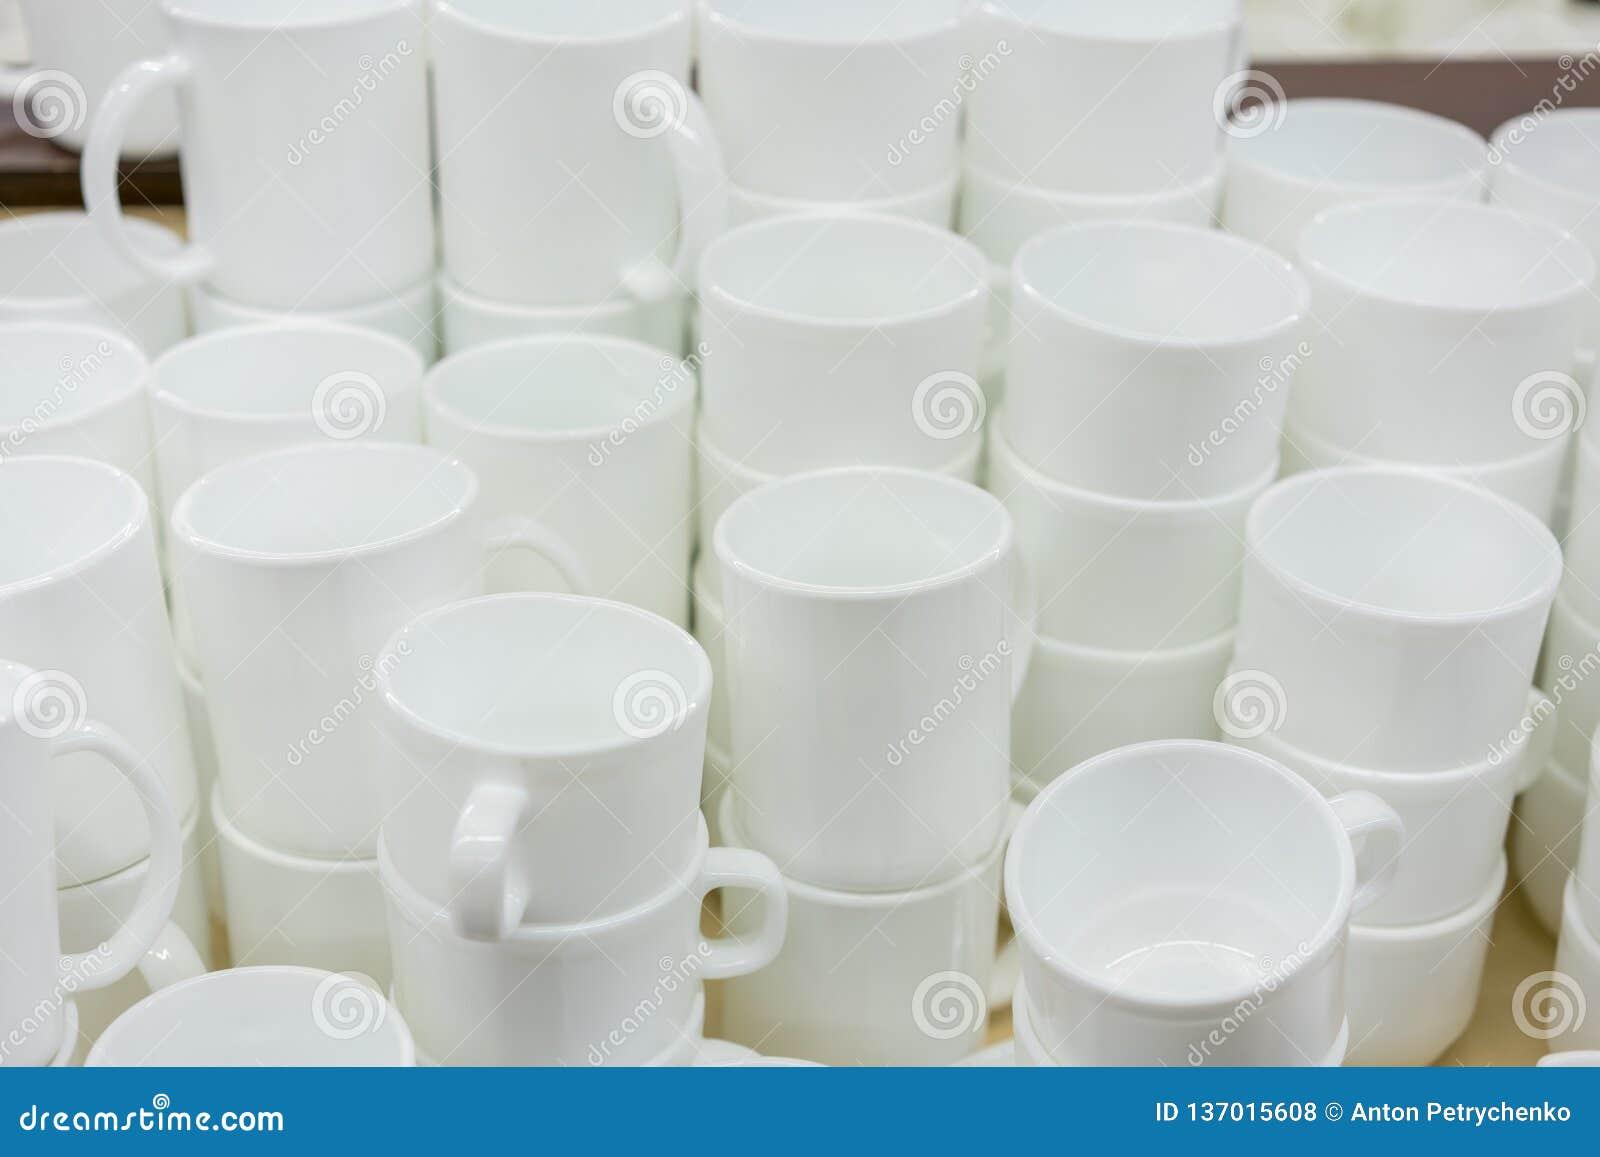 Tazze bianche sullo scaffale nel deposito Tazze e piattini di caffè ceramici bianchi sugli scaffali Scaffali con gli utensili del